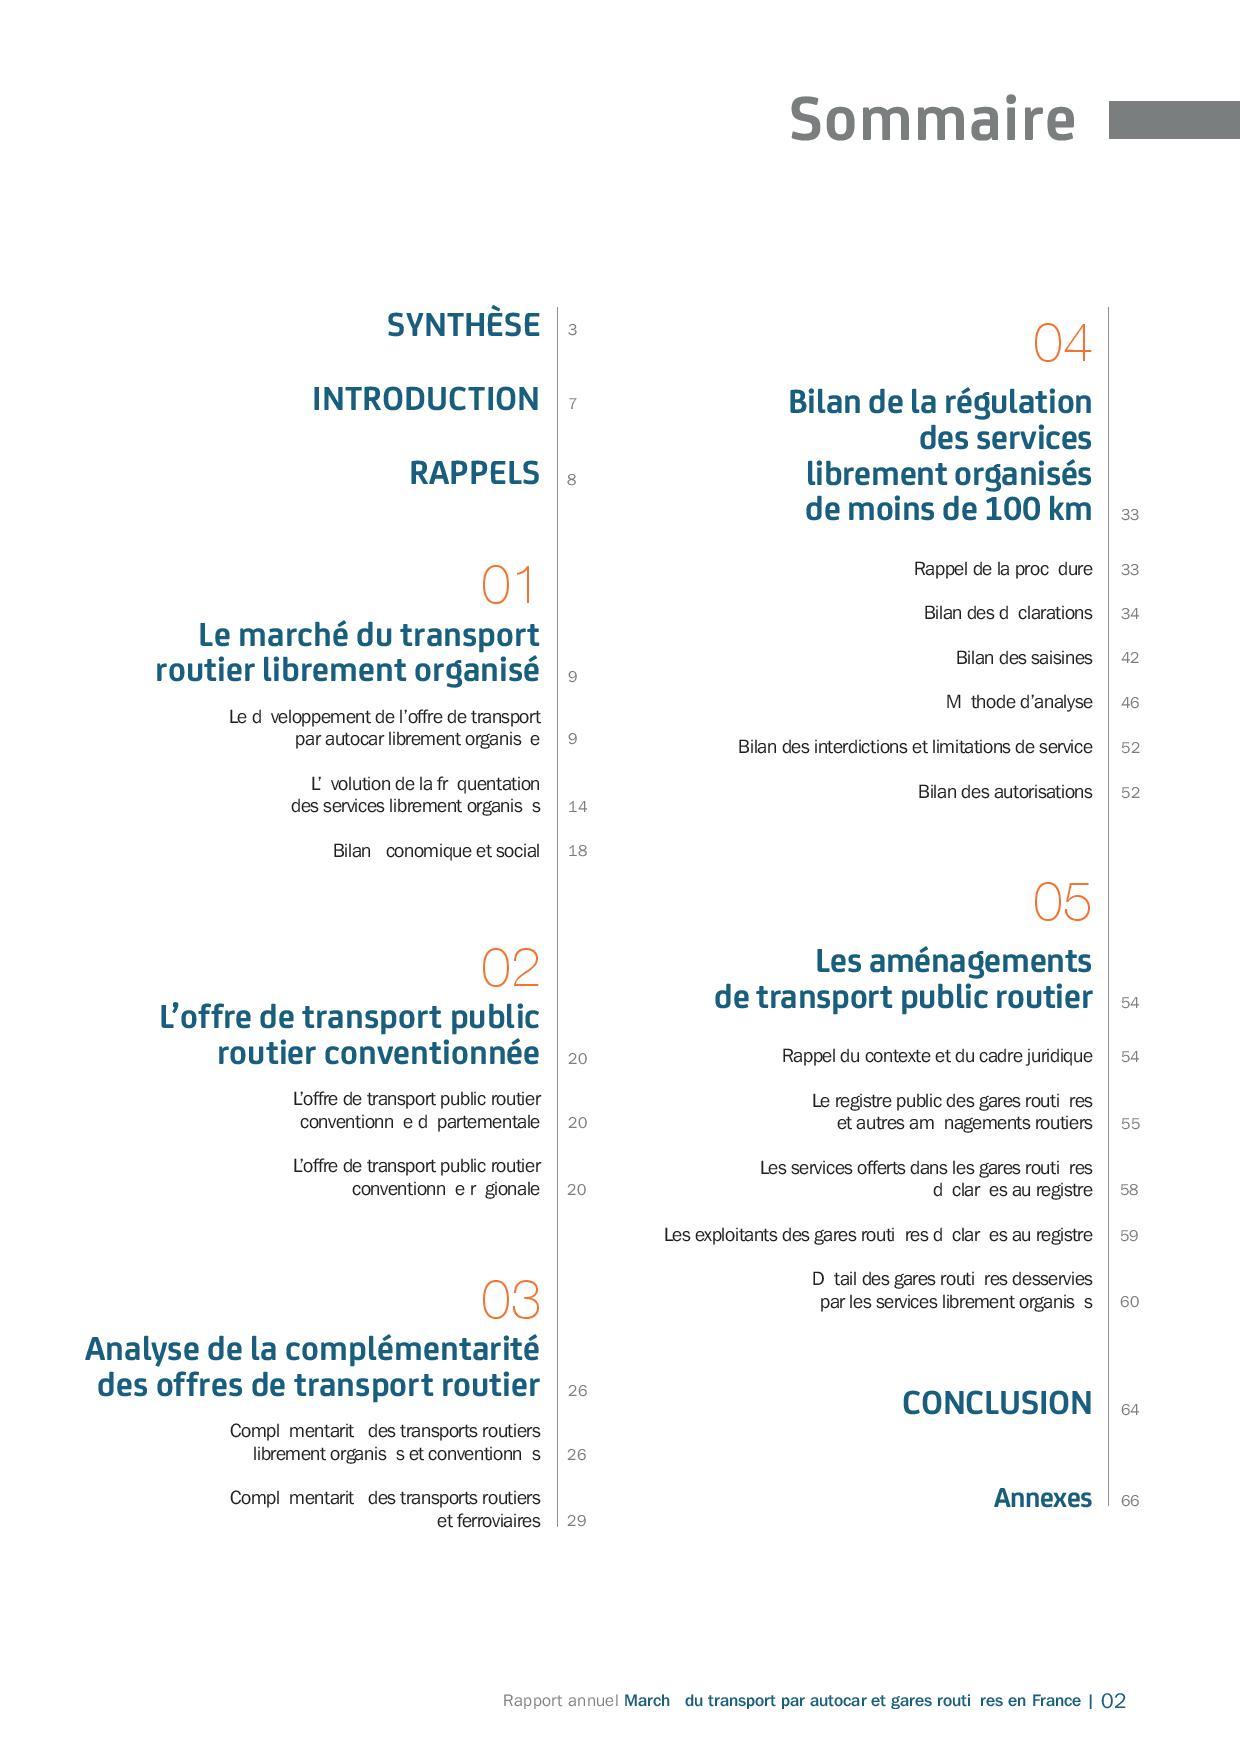 rapport-annuel-autocars-gares-routieres_novembre2016-page-002